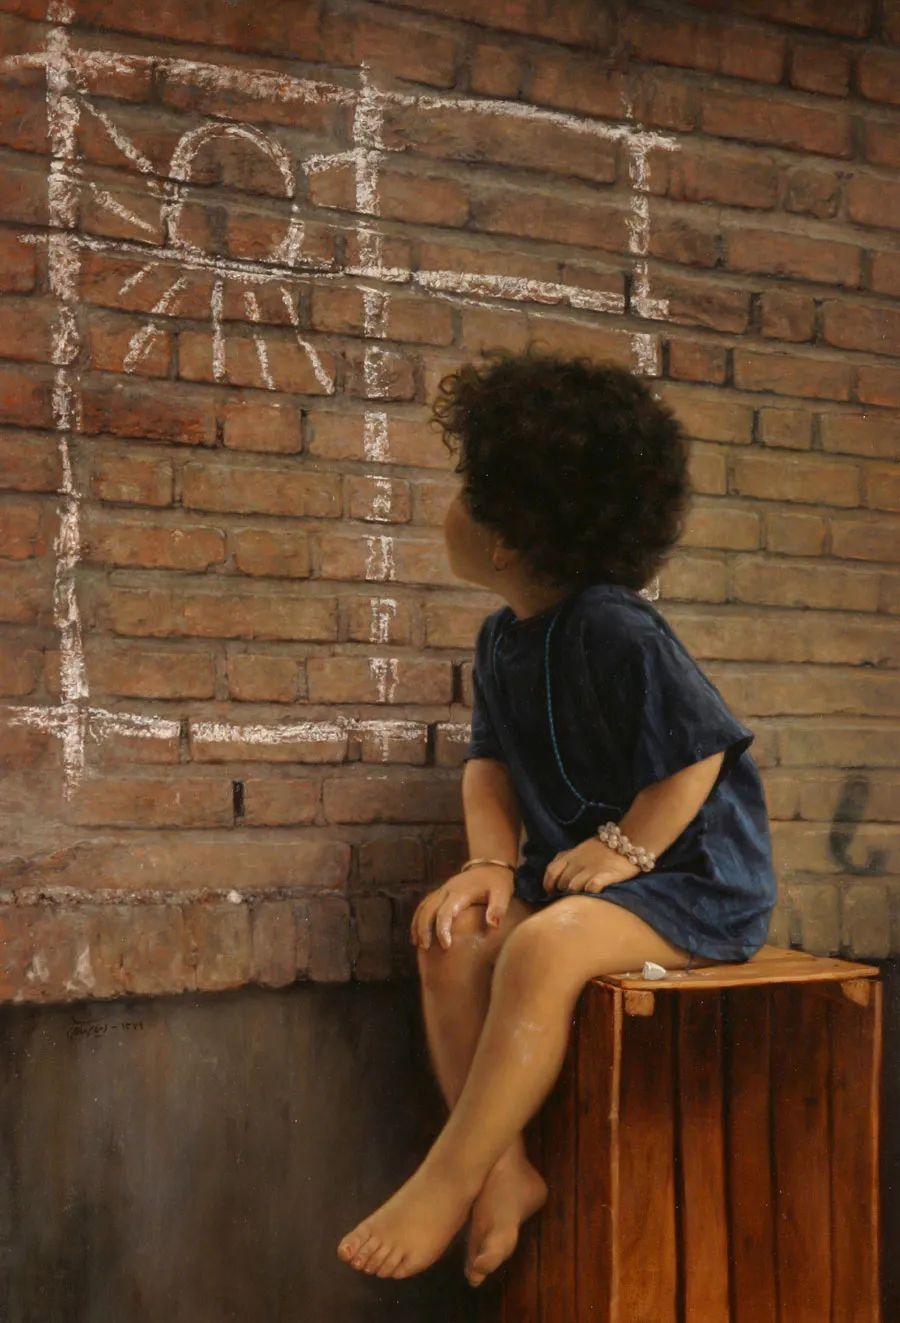 隐藏于内的情感释放,伊朗画家Iman Maleki插图59